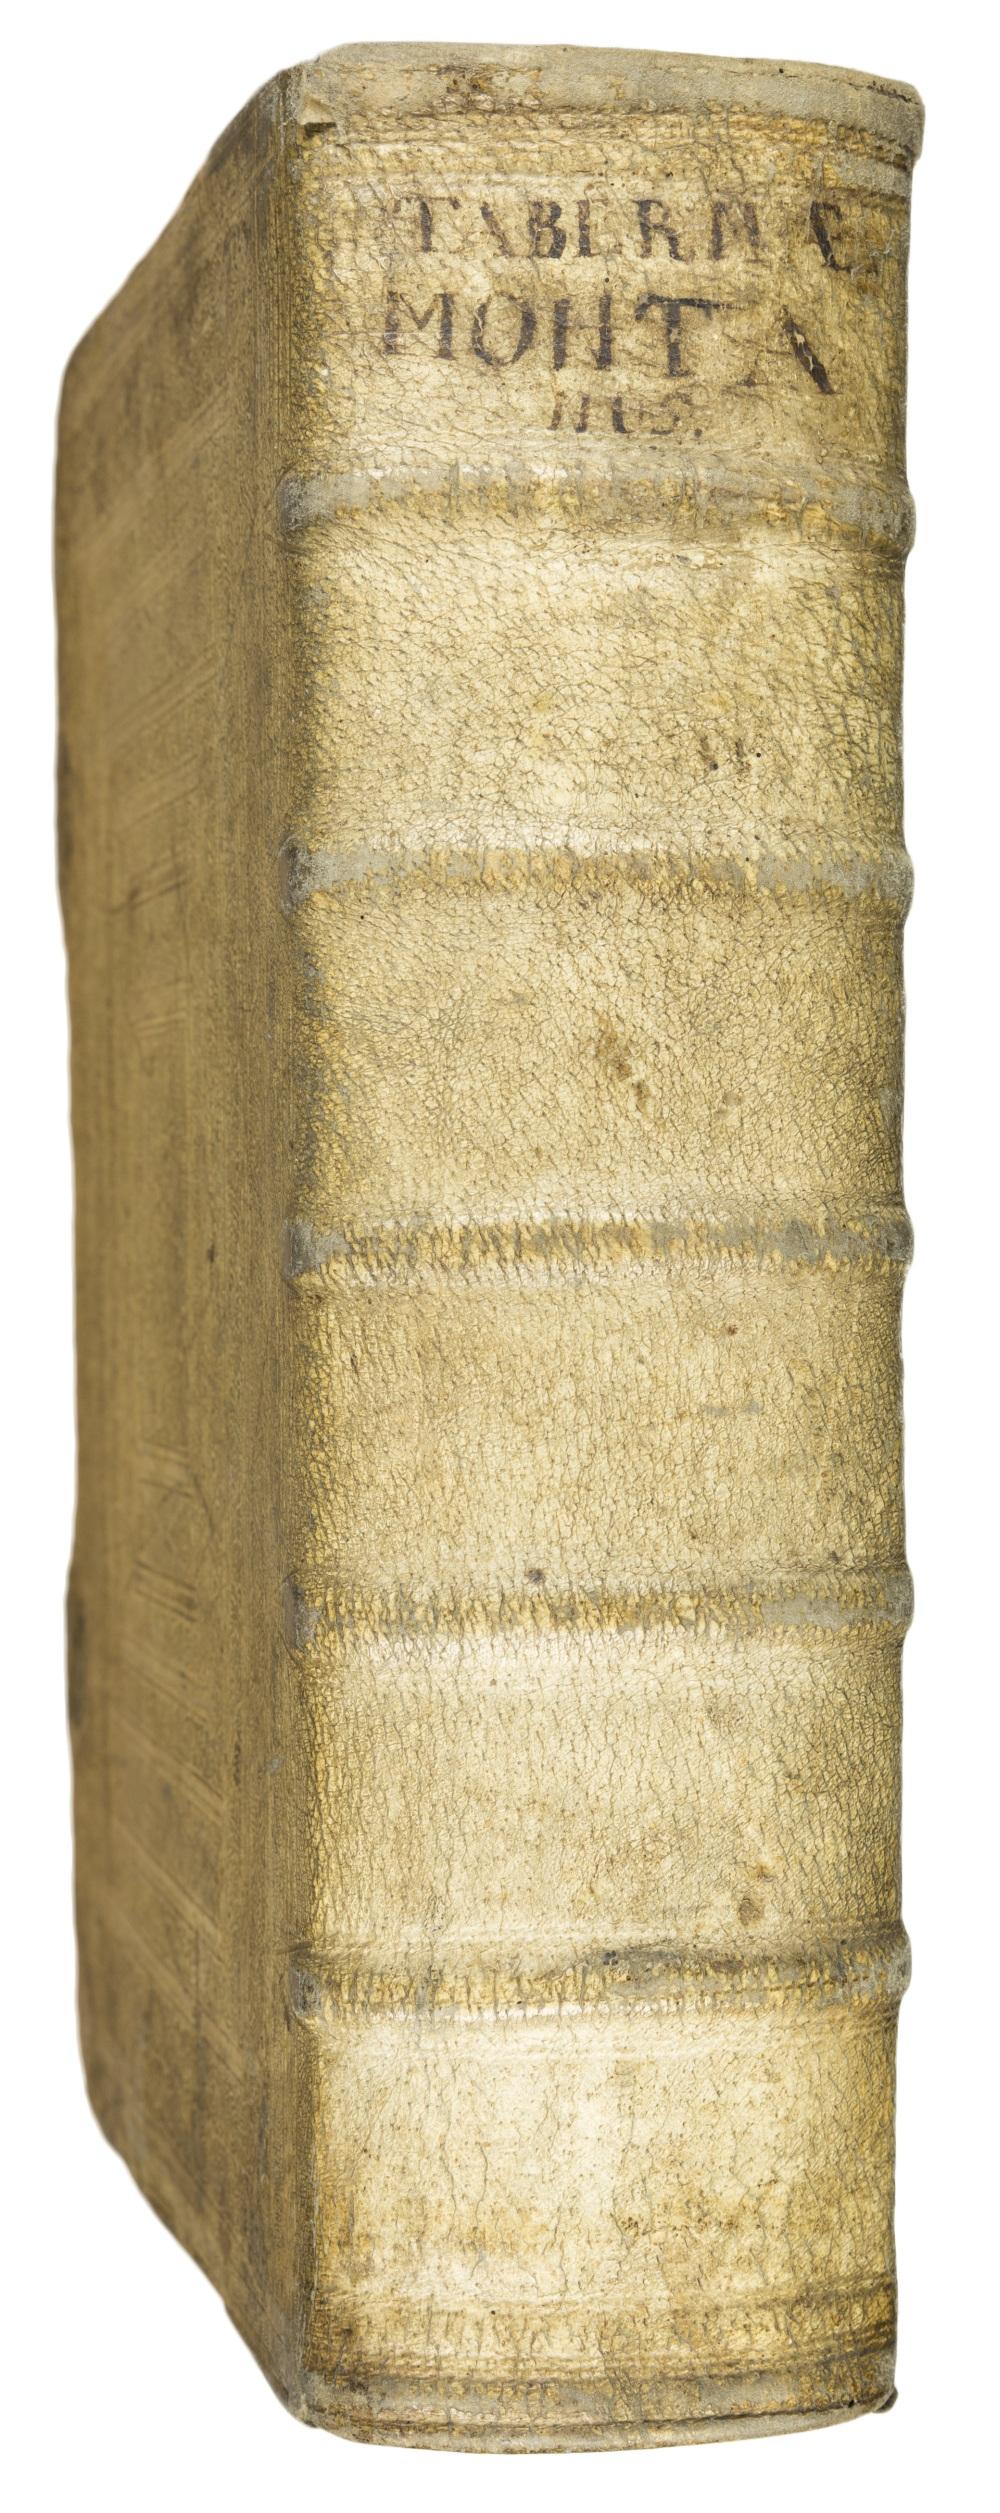 Neu vollkommen Kräuter-Buch/ Darinnen über 3000. Kräuter/: TABERNAEMONTANUS, J.T.